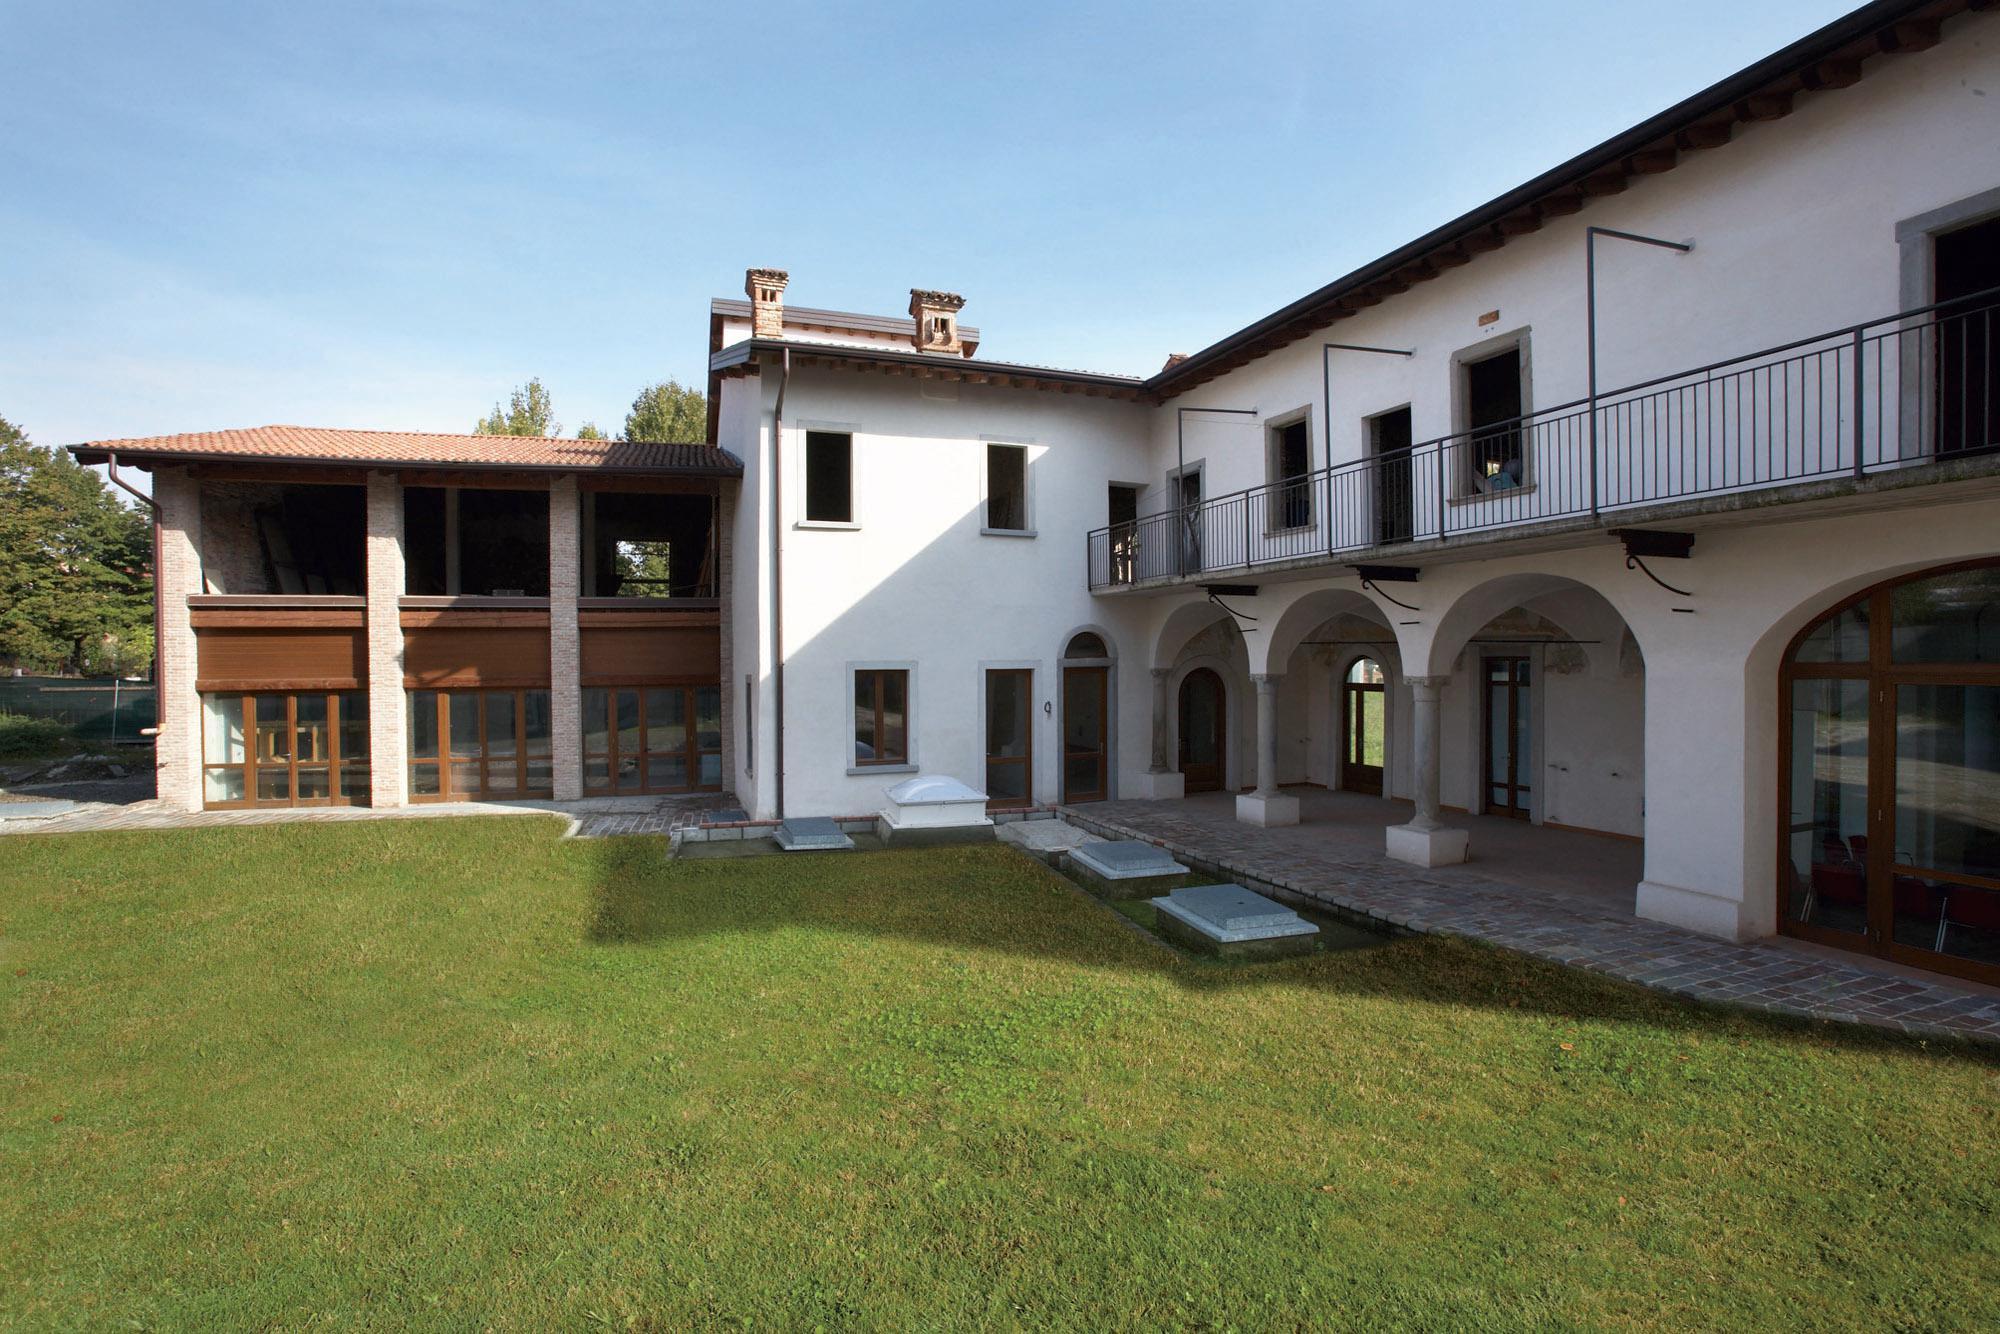 La casa di cura sempre pi casa marco paolo servalli architettura - Restauro immobili ...